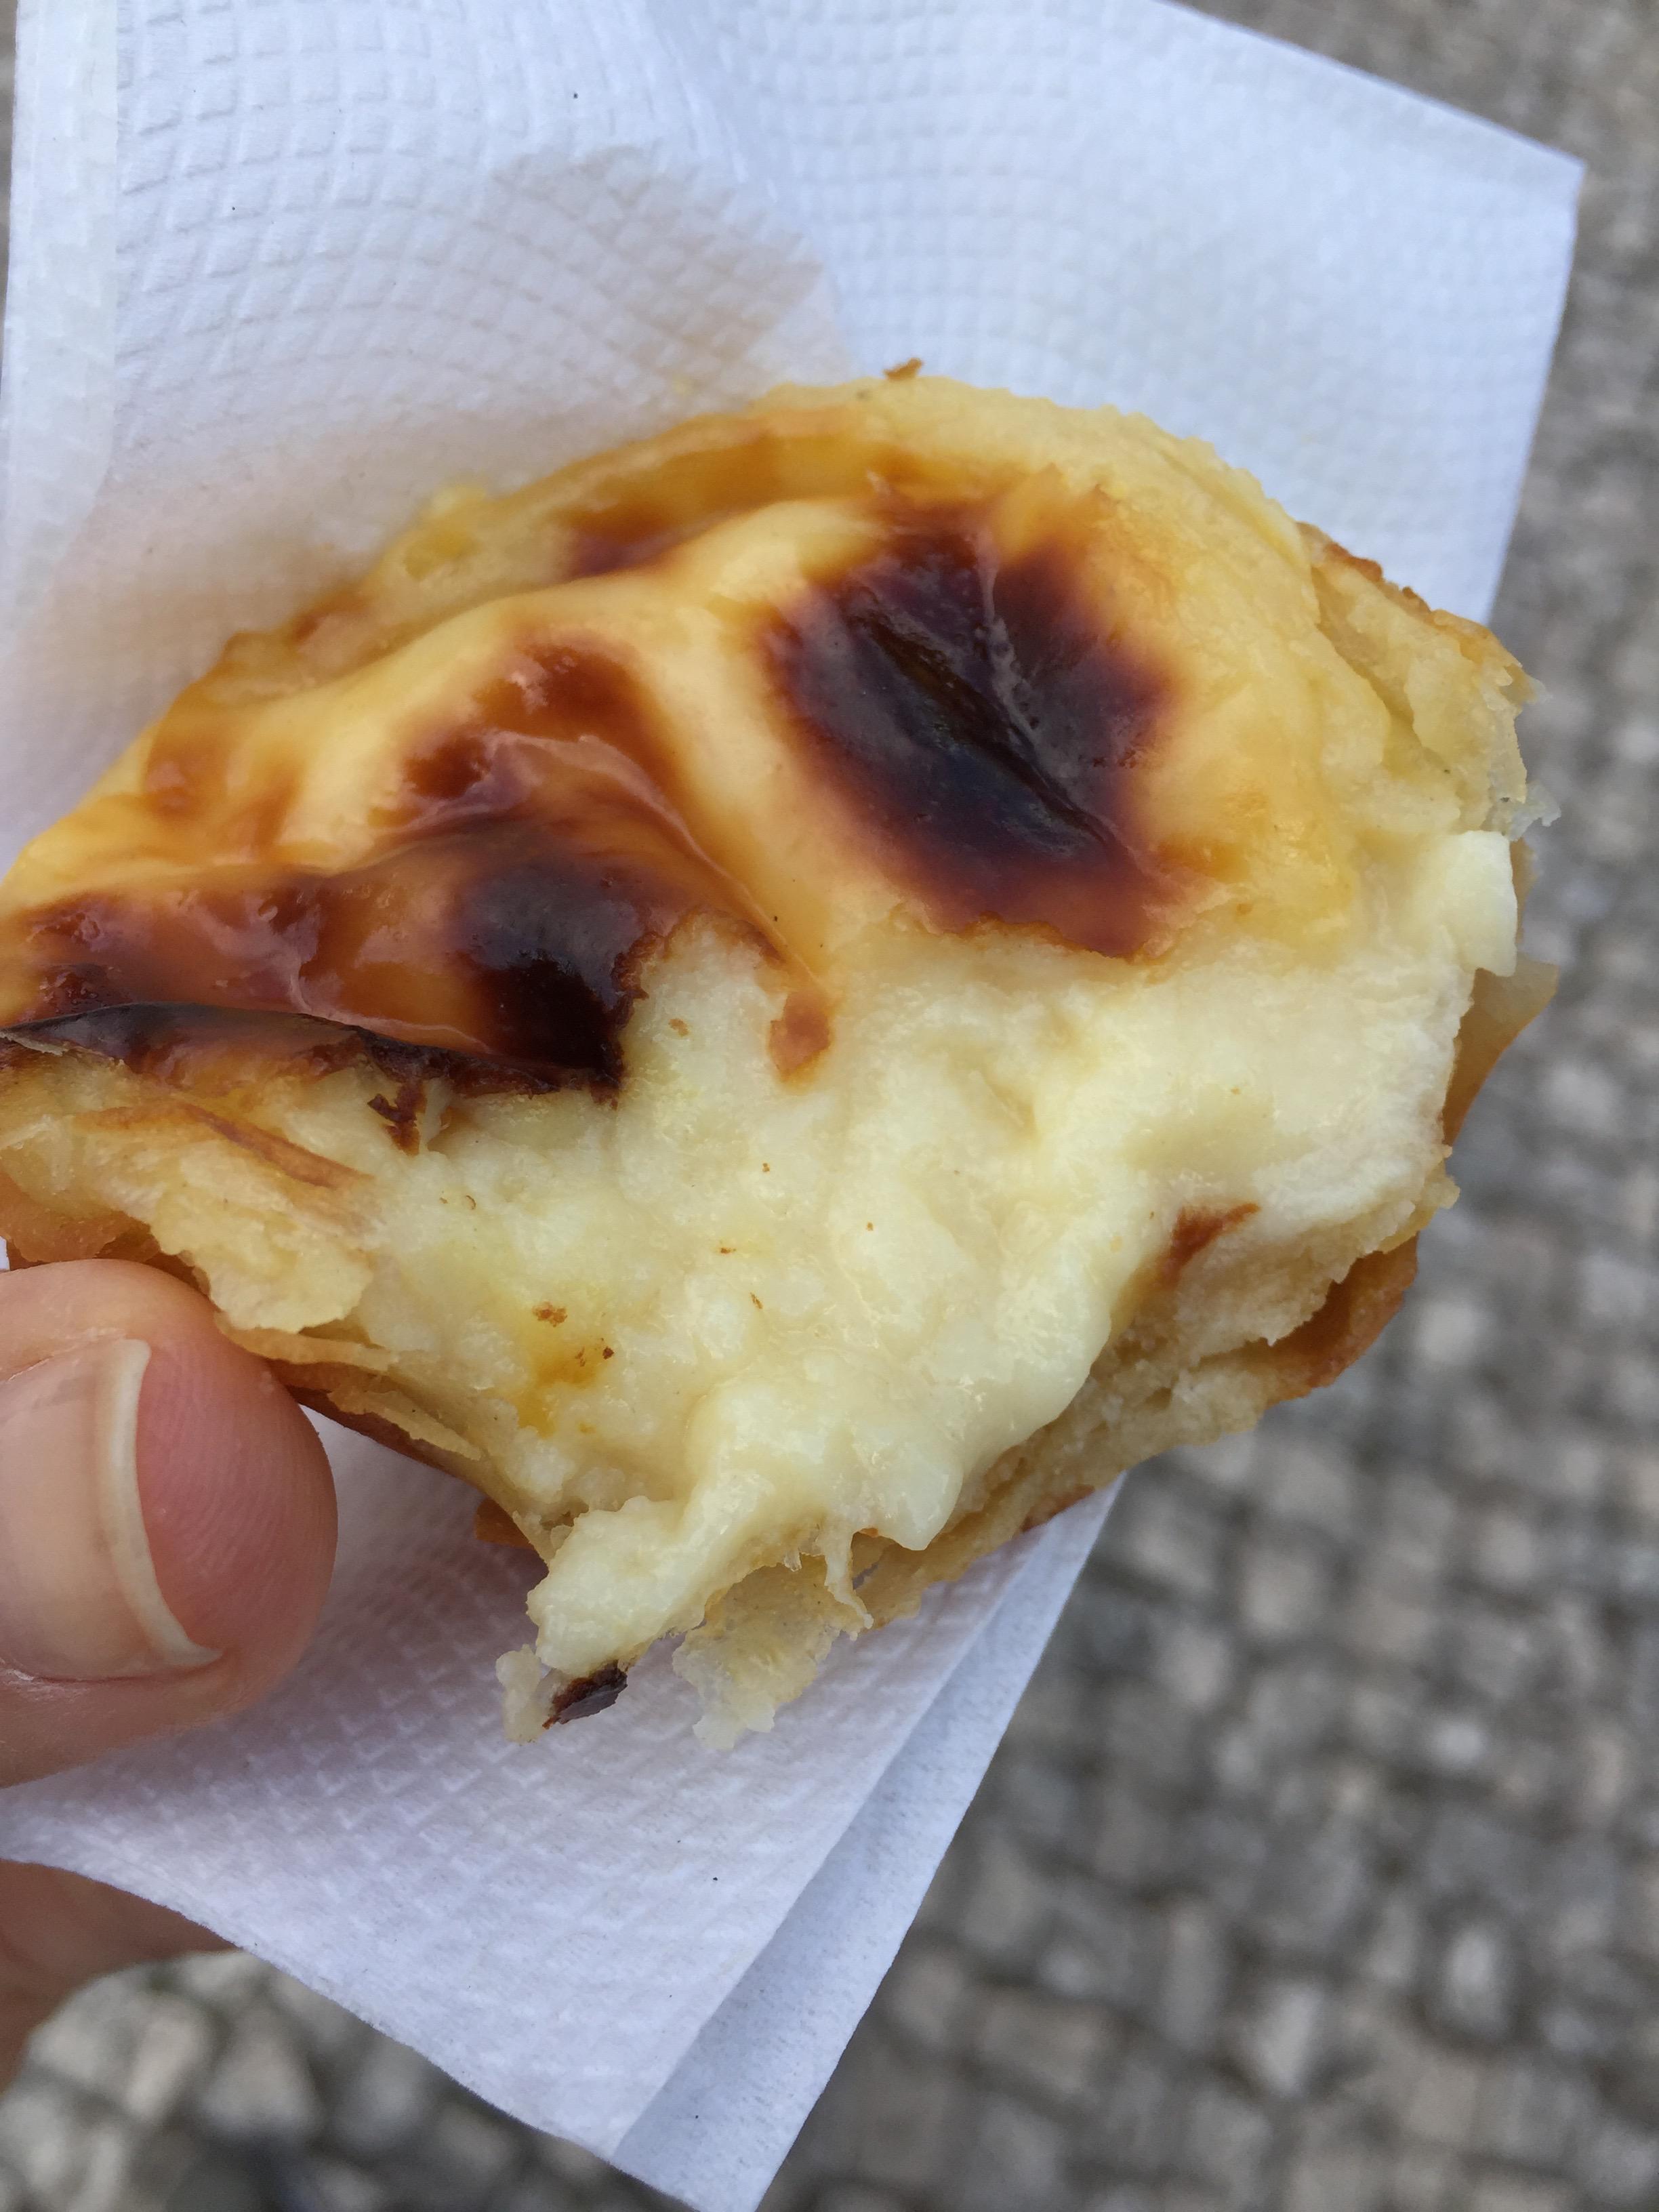 E teve Pastel de Belém, porque afinal estamos em Lisboa!!!! E a fábrica dos pastéis mais gostosos e tradicionais fica logo ao lado do Mosteiro.